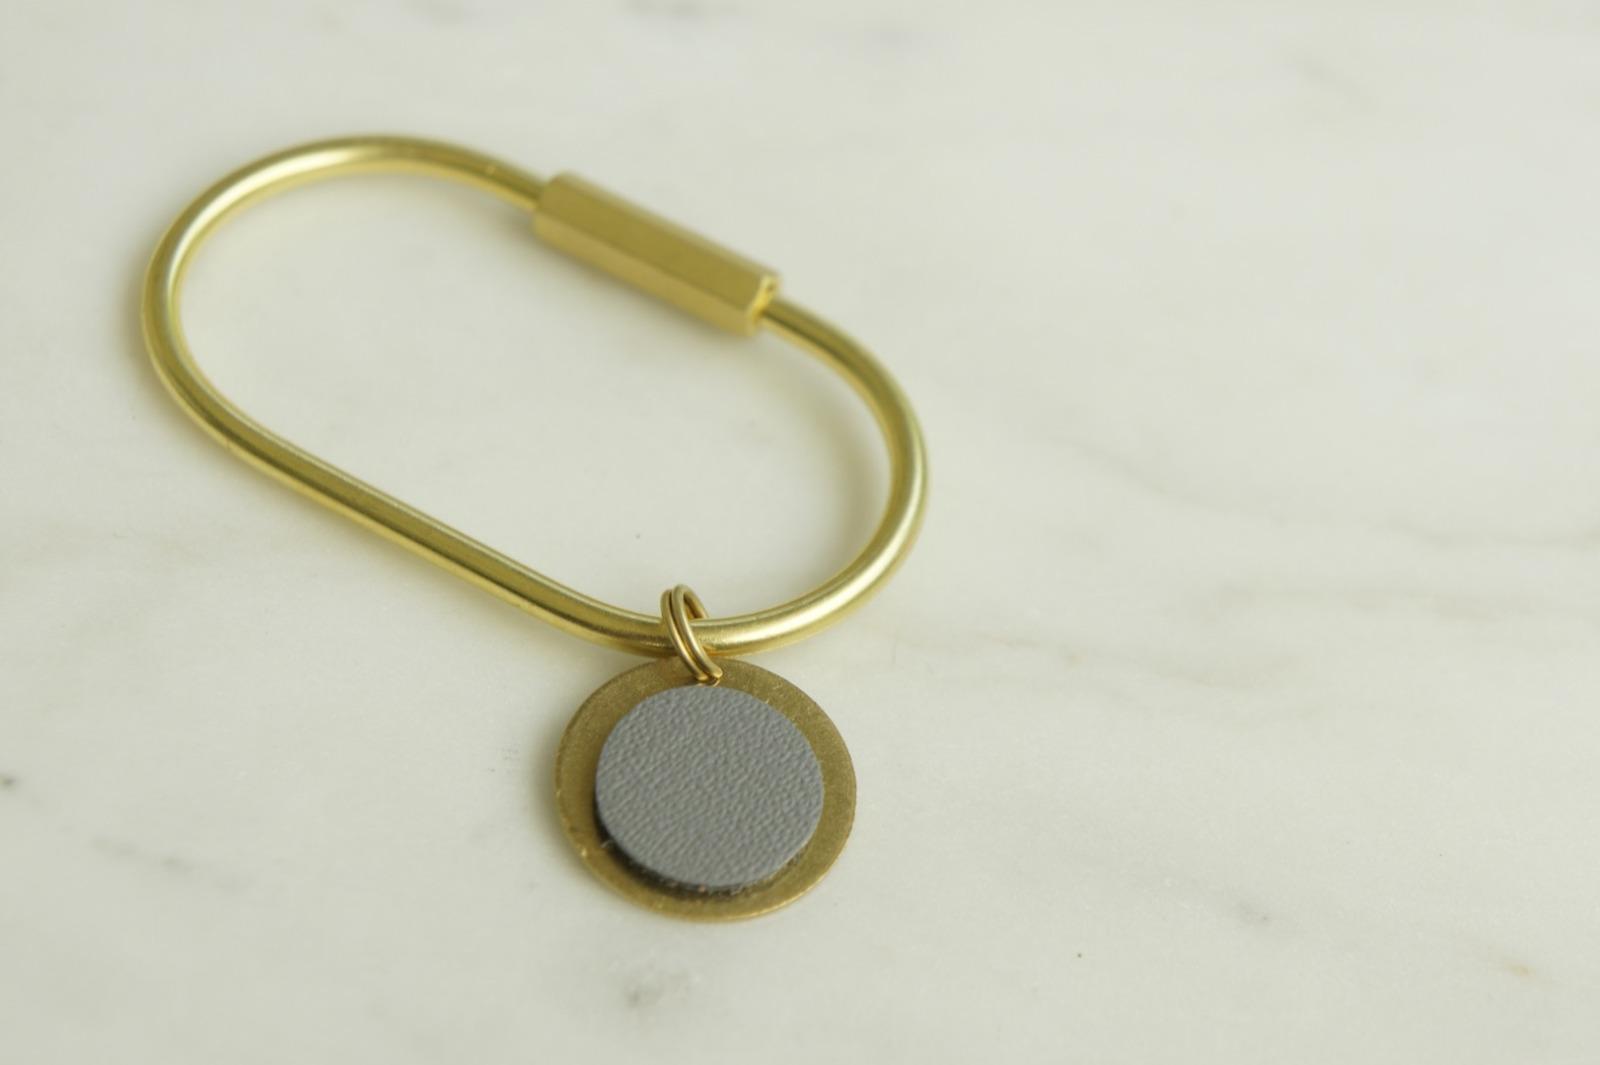 Schlüsselring Oval mit Anhänger grau